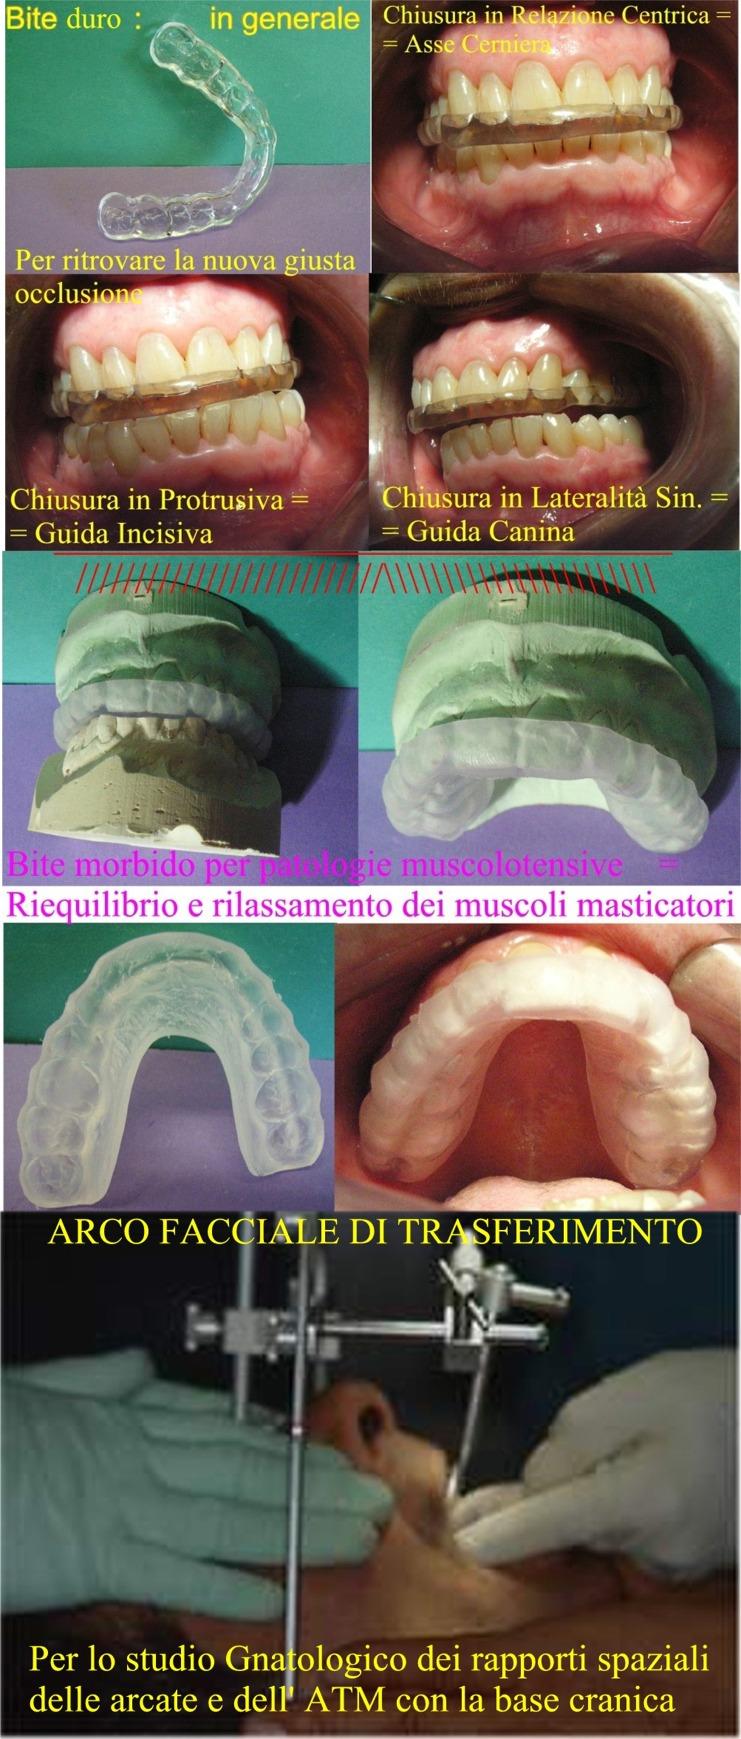 Vari tipi di Bite Ed Arco Facciale per i rapporti Spaziali della base cranica con le arcate dentarie. Da casistica del Dr. Gustavo Petti, GNatologo e Parodontologo in Cagliari